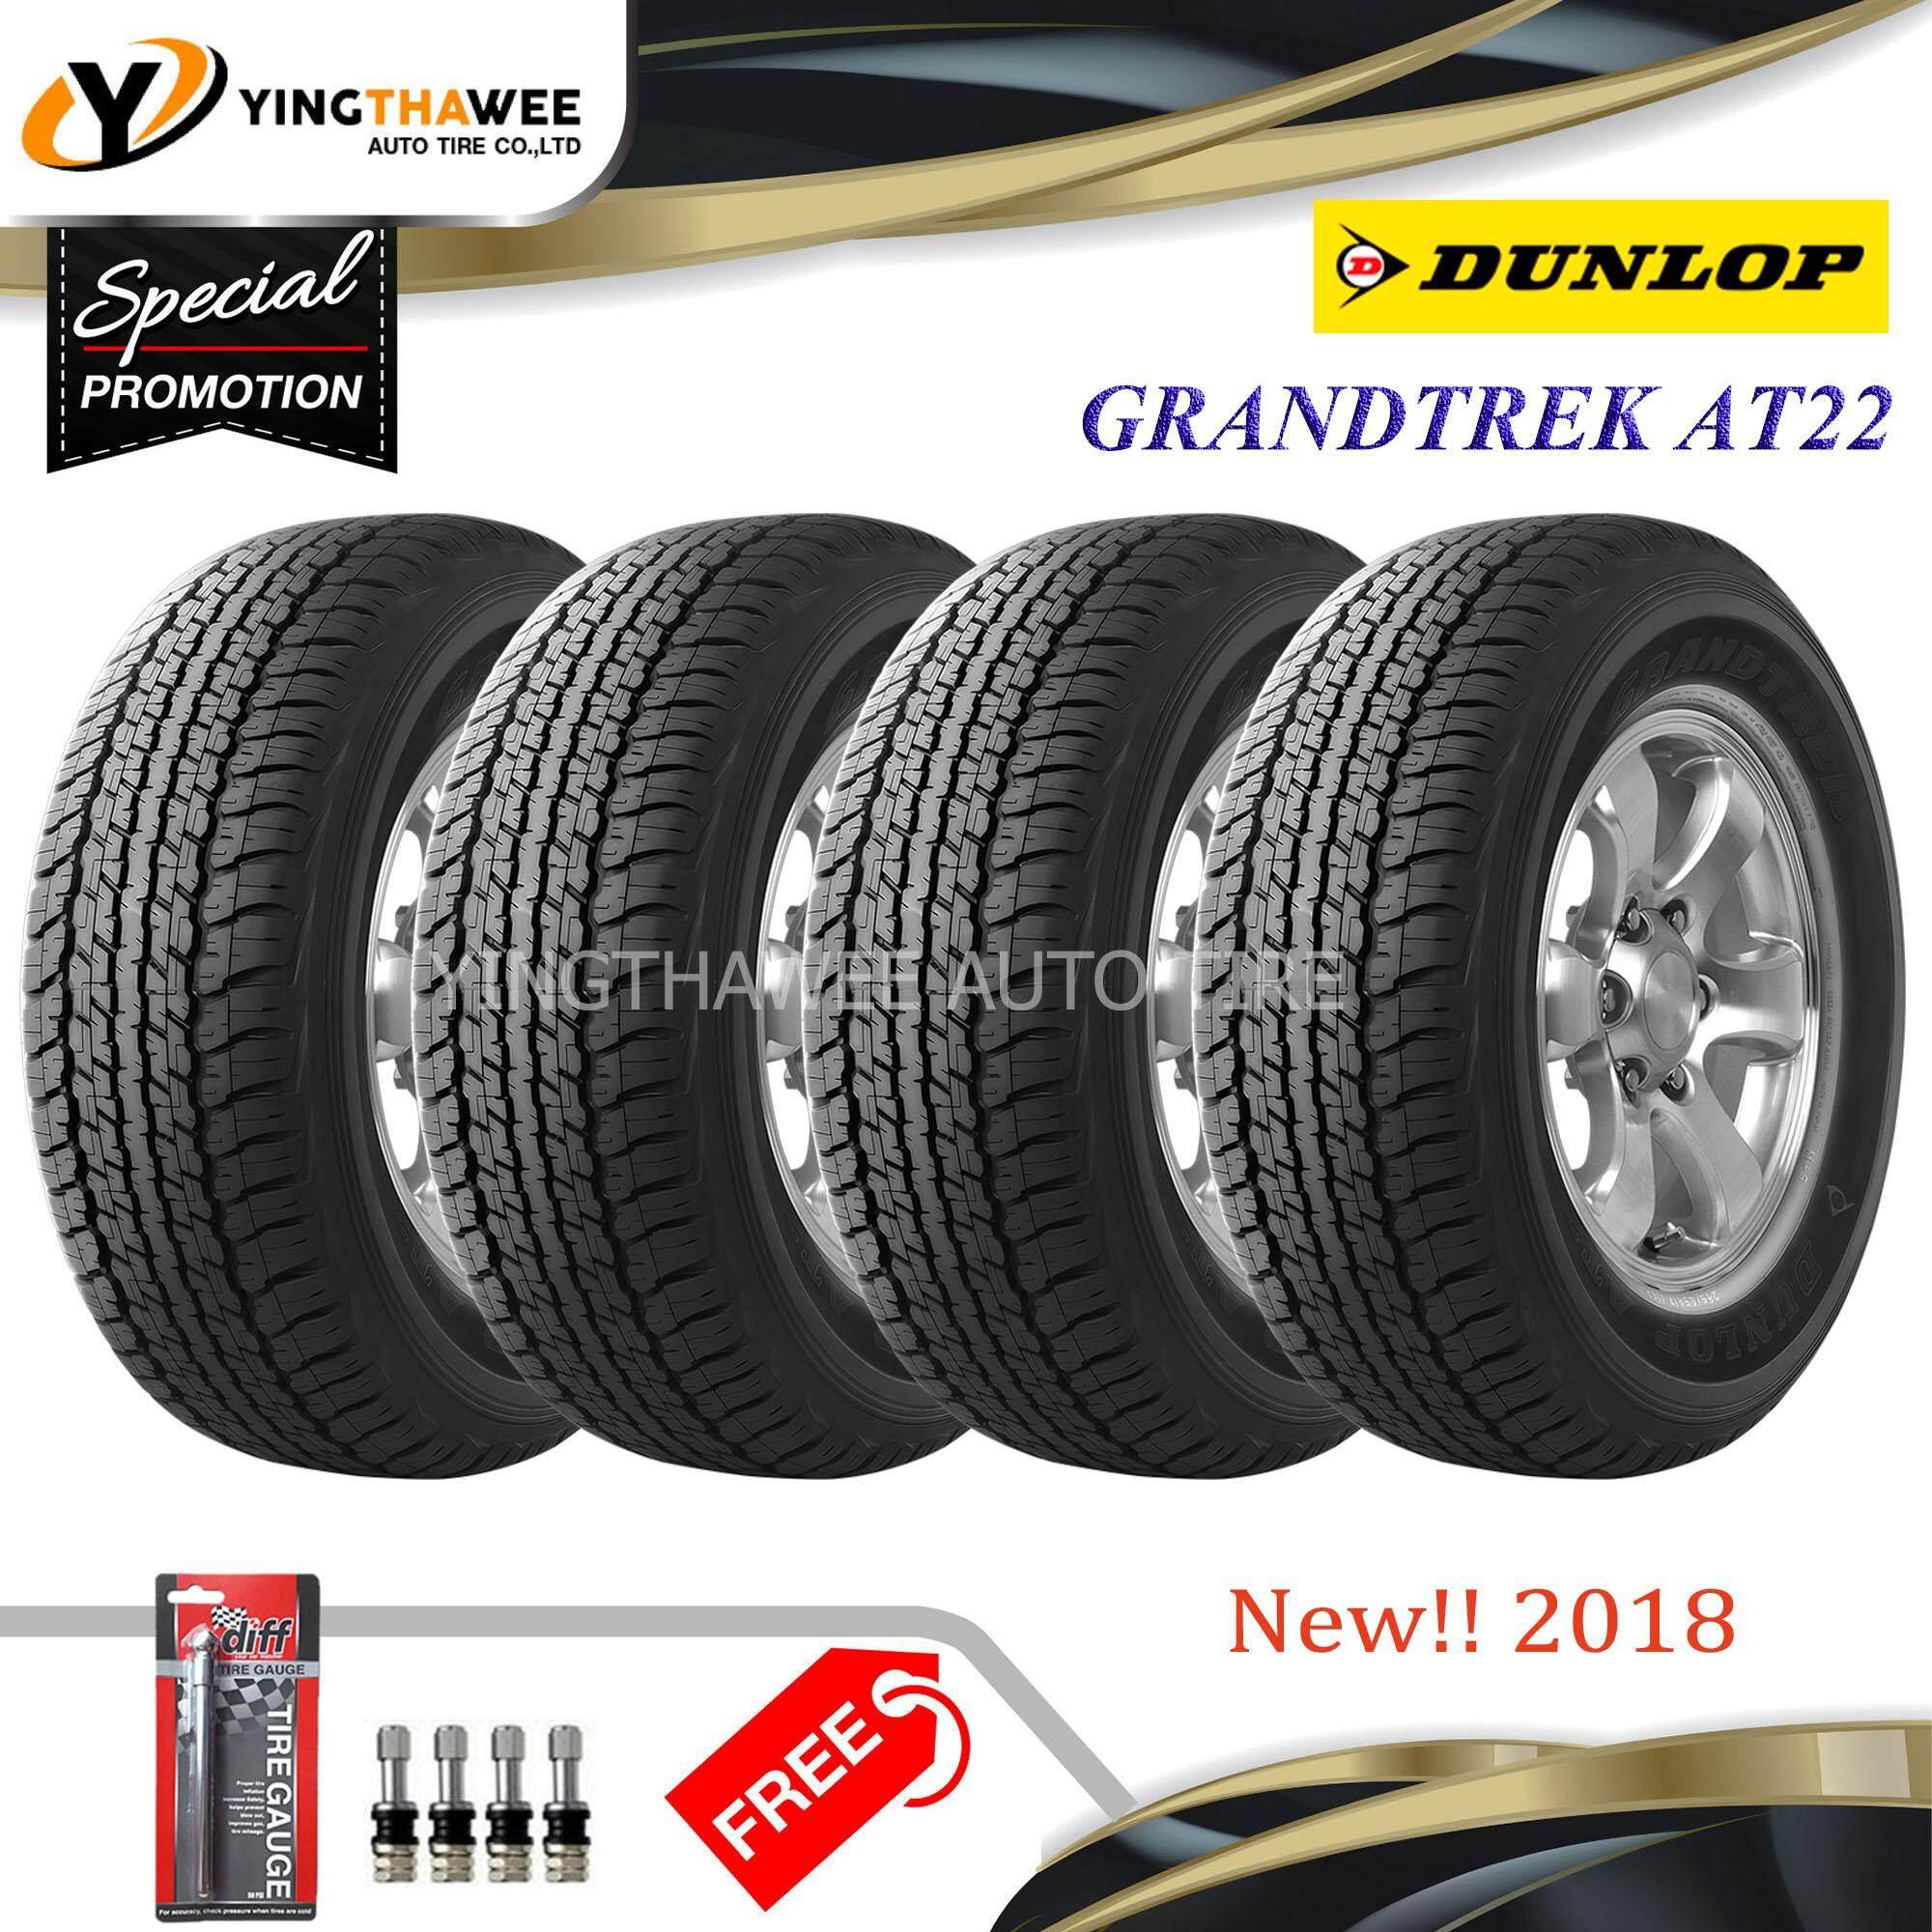 นครศรีธรรมราช DUNLOP ยางรถยนต์ 245/70R16 รุ่น GRANDTREK AT22 จำนวน 4 เส้น (แถมจุ๊บเหล็กแท้ 4 ตัว + เกจวัดลมยาง 1 ตัว)